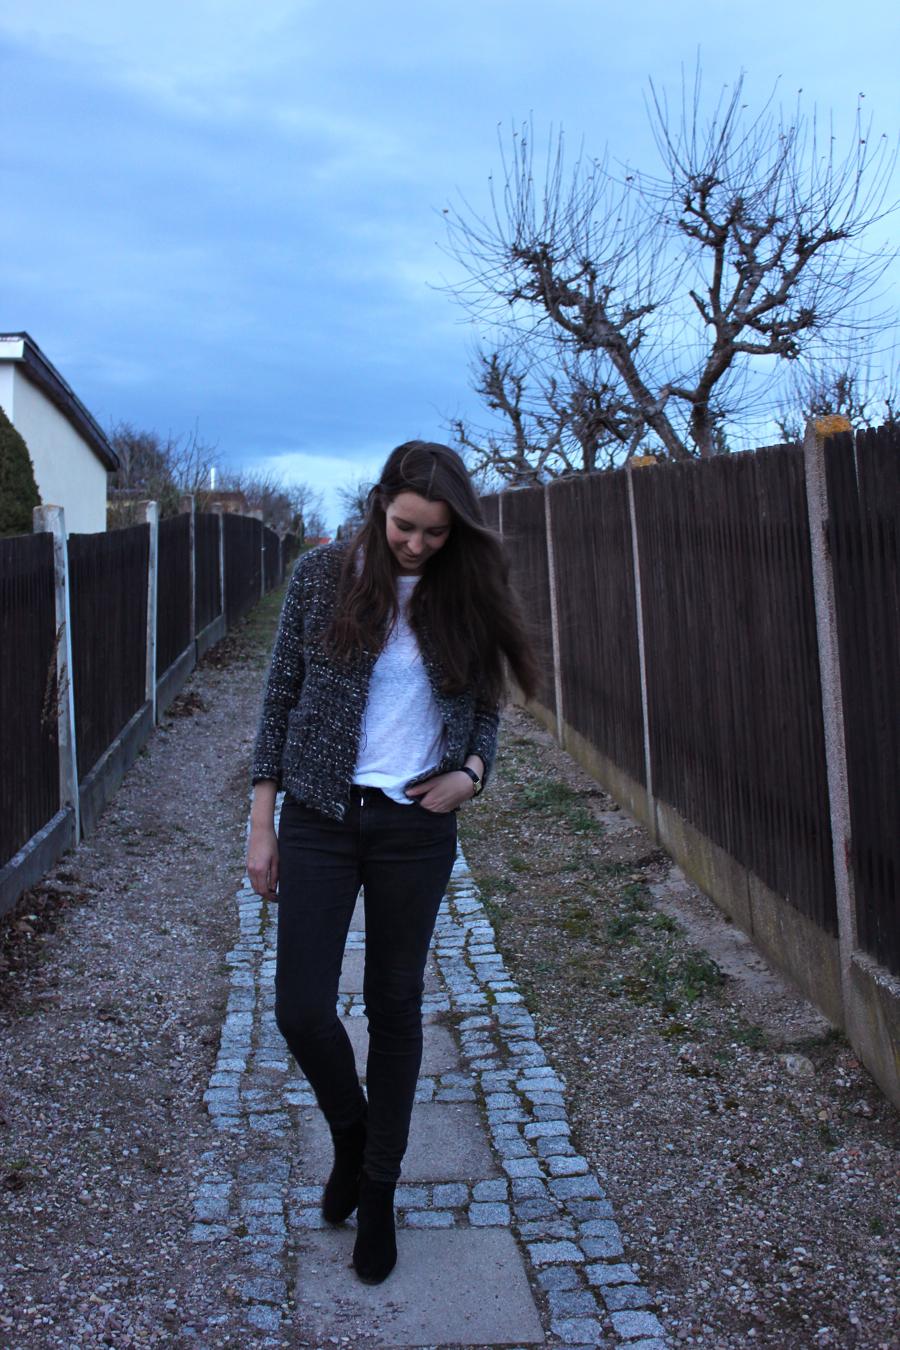 ari_traegt_xmas_tweed_isabelmarant_jacket_4